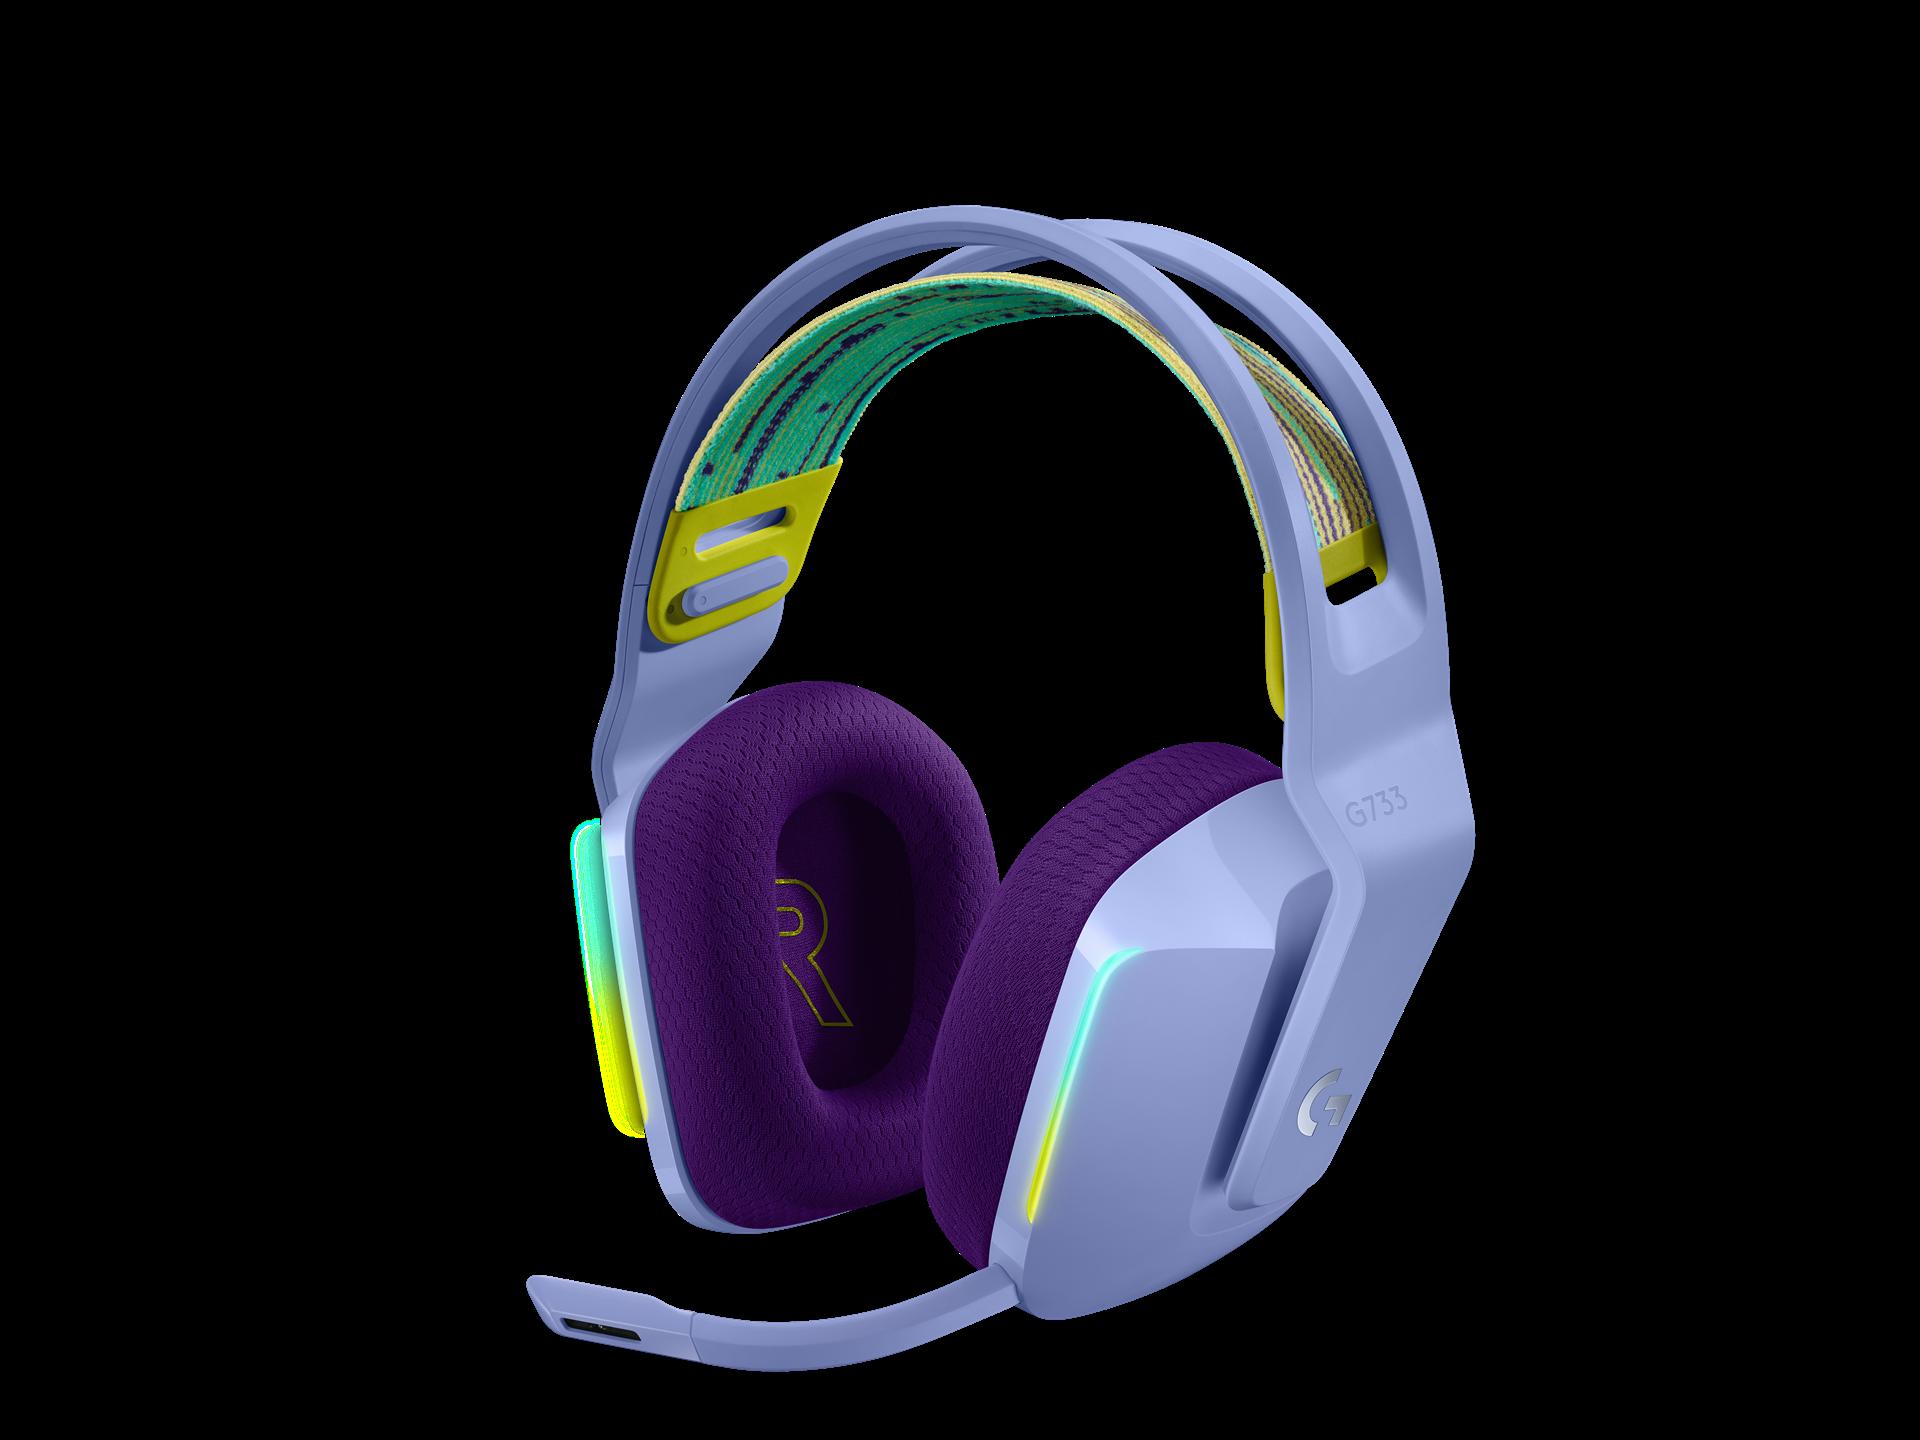 Logitech G733 Kablosuz Oyuncu Kulaklığı